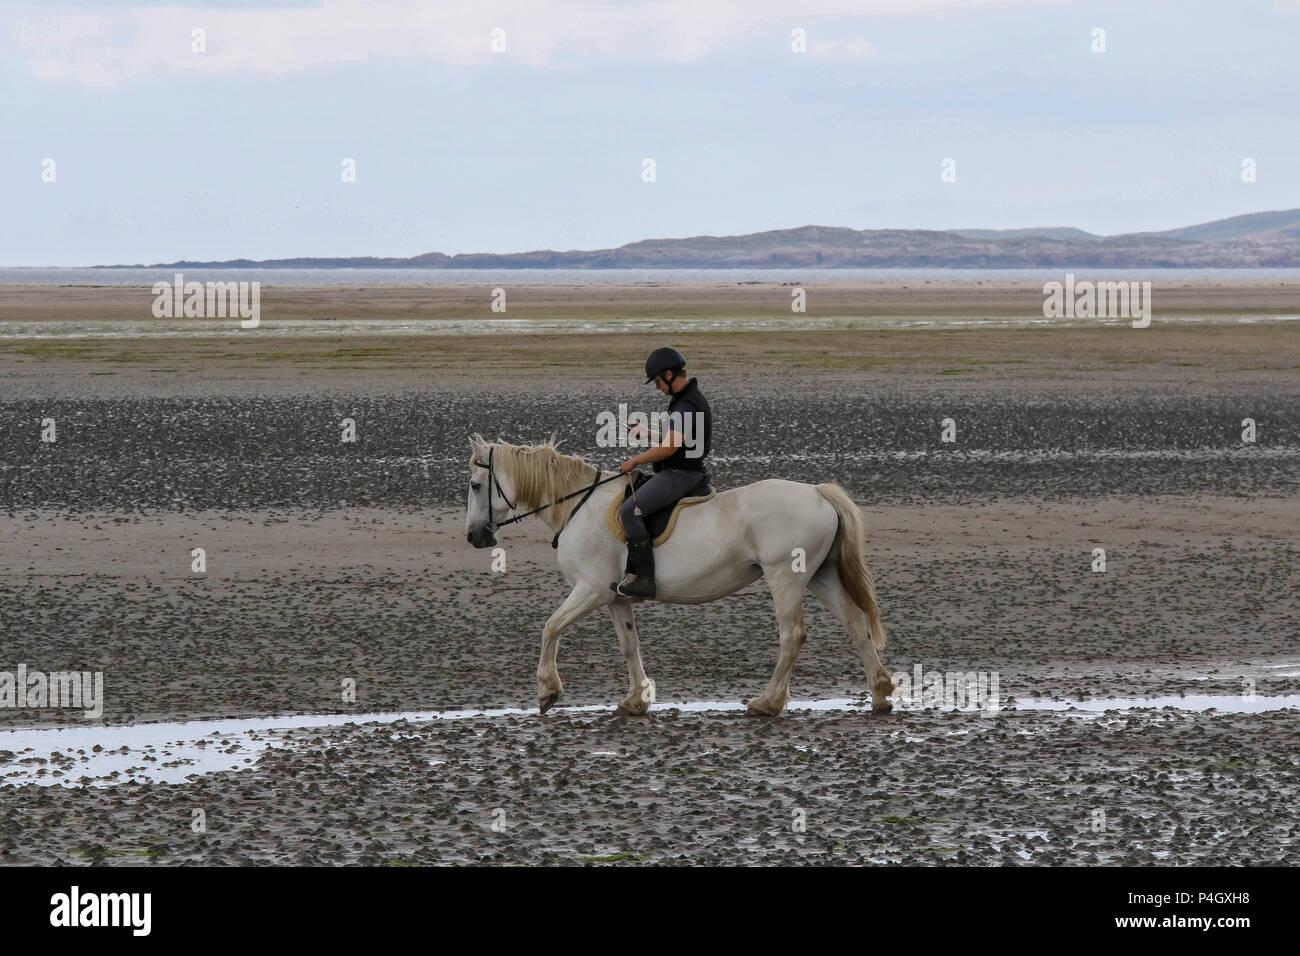 Persona in sella ad un cavallo e utilizzando un telefono cellulare a Dunfanaghy County Donegal Irlanda Immagini Stock